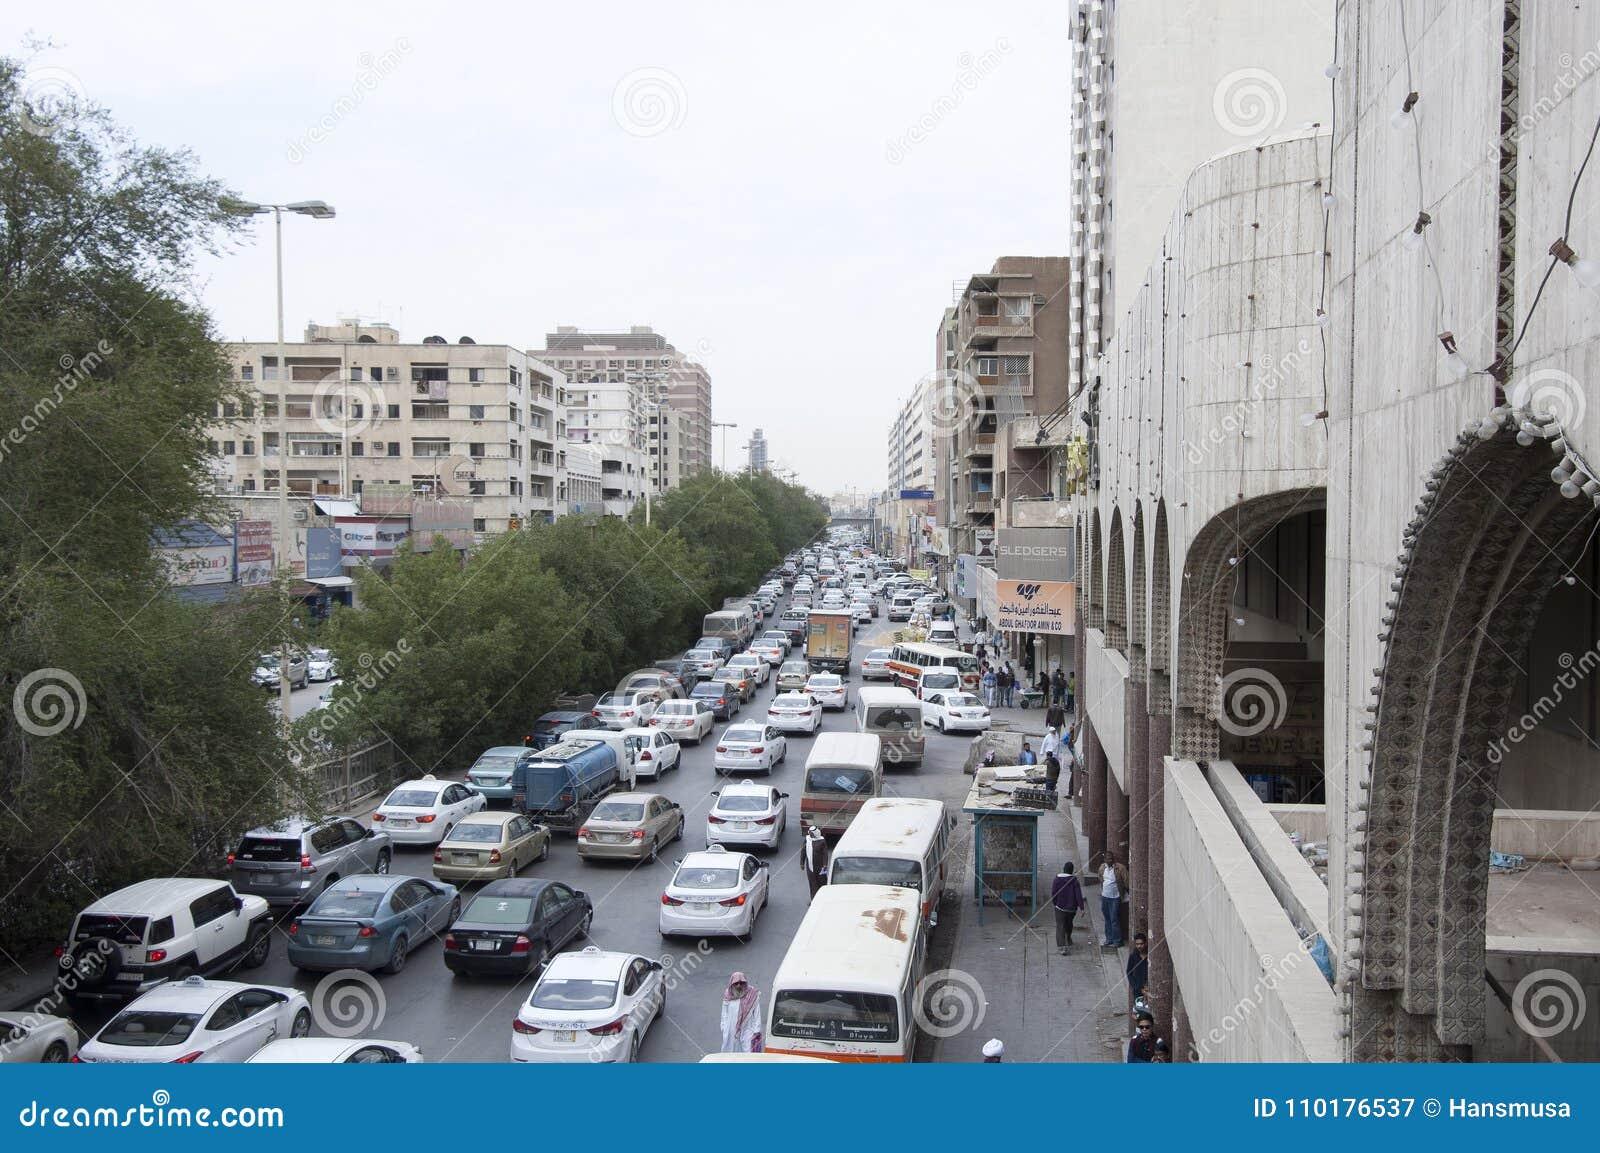 Batha Steet, Cars Traffic In Old Riyadh, Saudi Arabia, 01 12